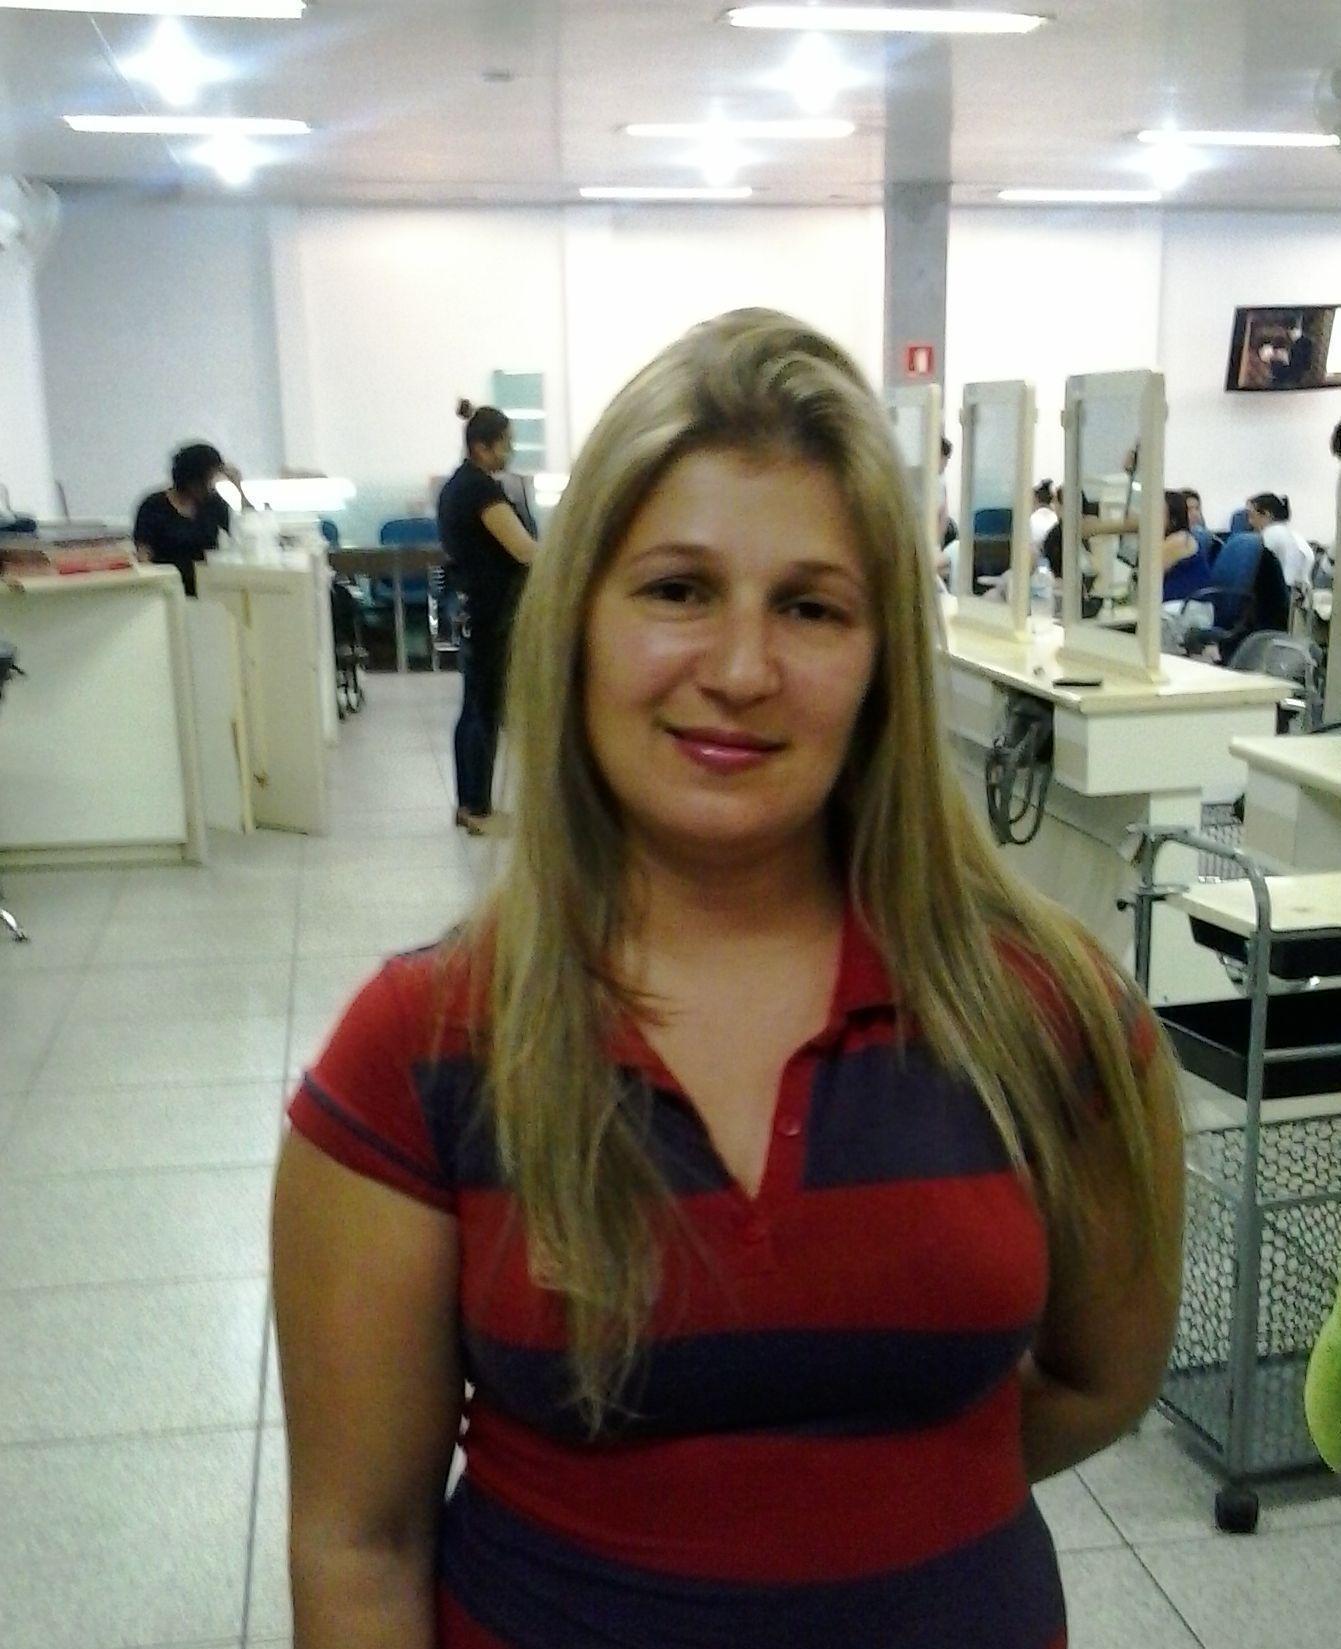 Luzes Escola Teruya recepcionista auxiliar cabeleireiro(a)